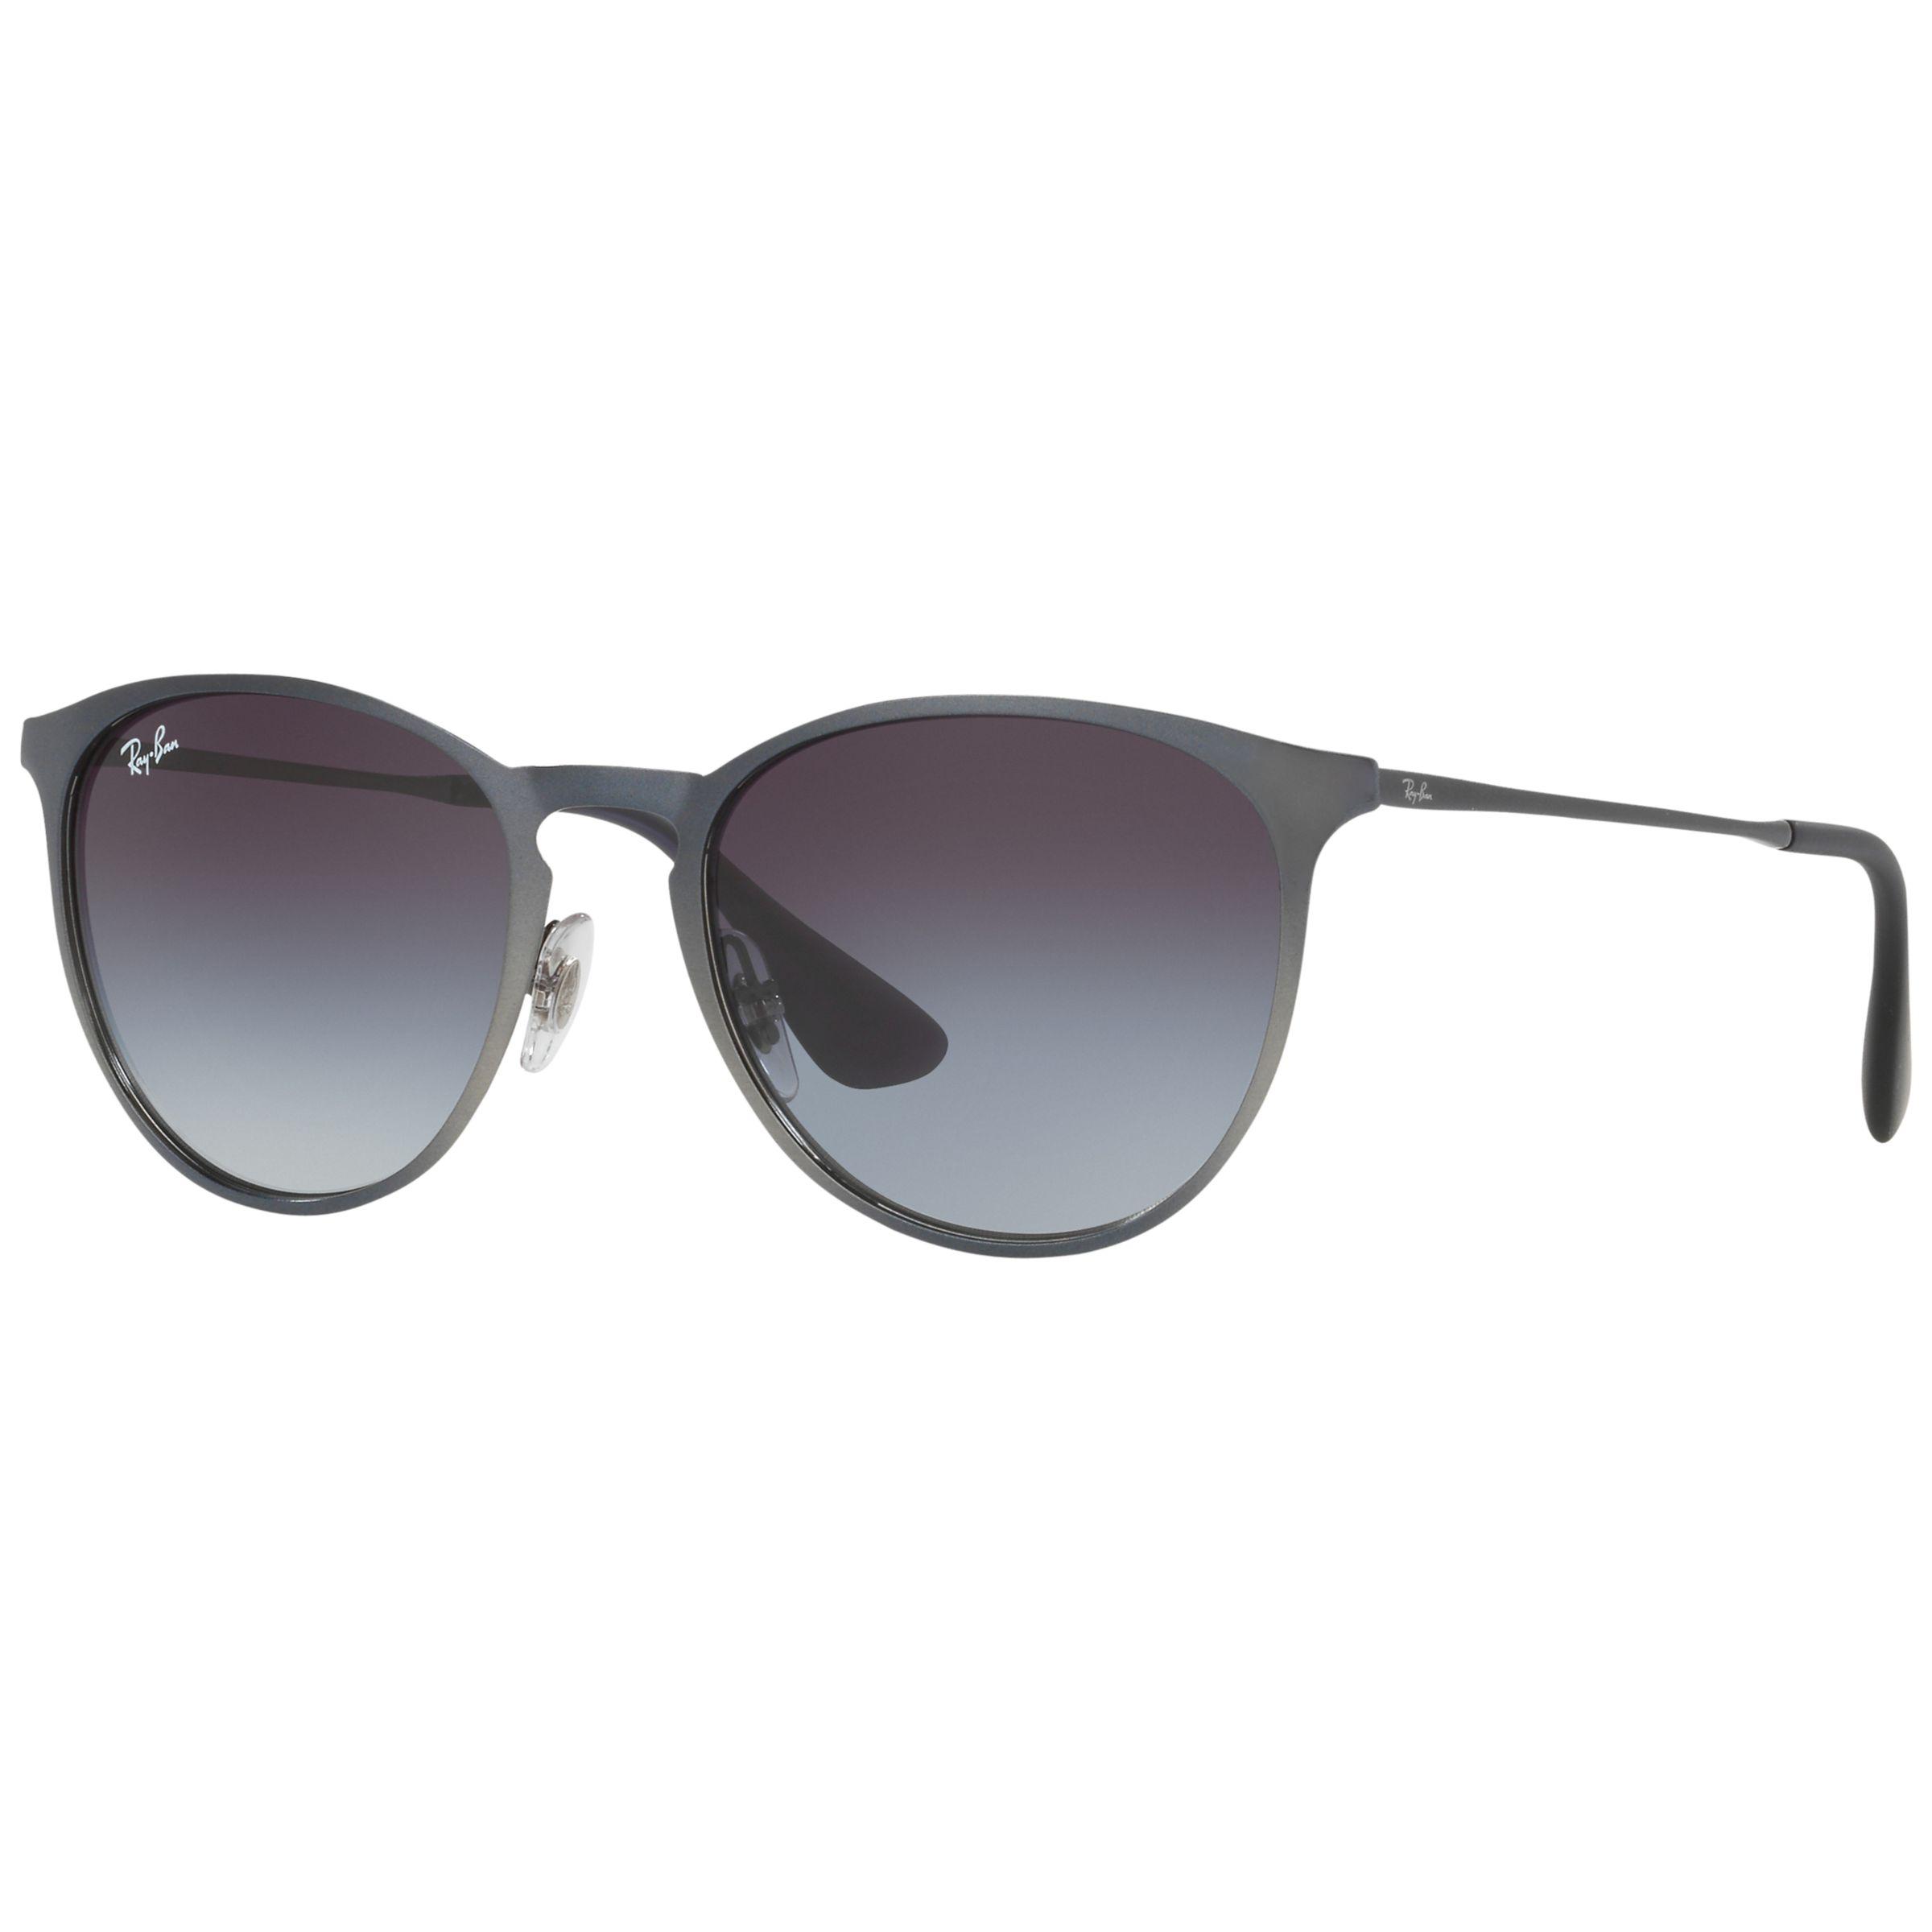 Ray-ban Ray-Ban RB3539 Erika Oval Sunglasses